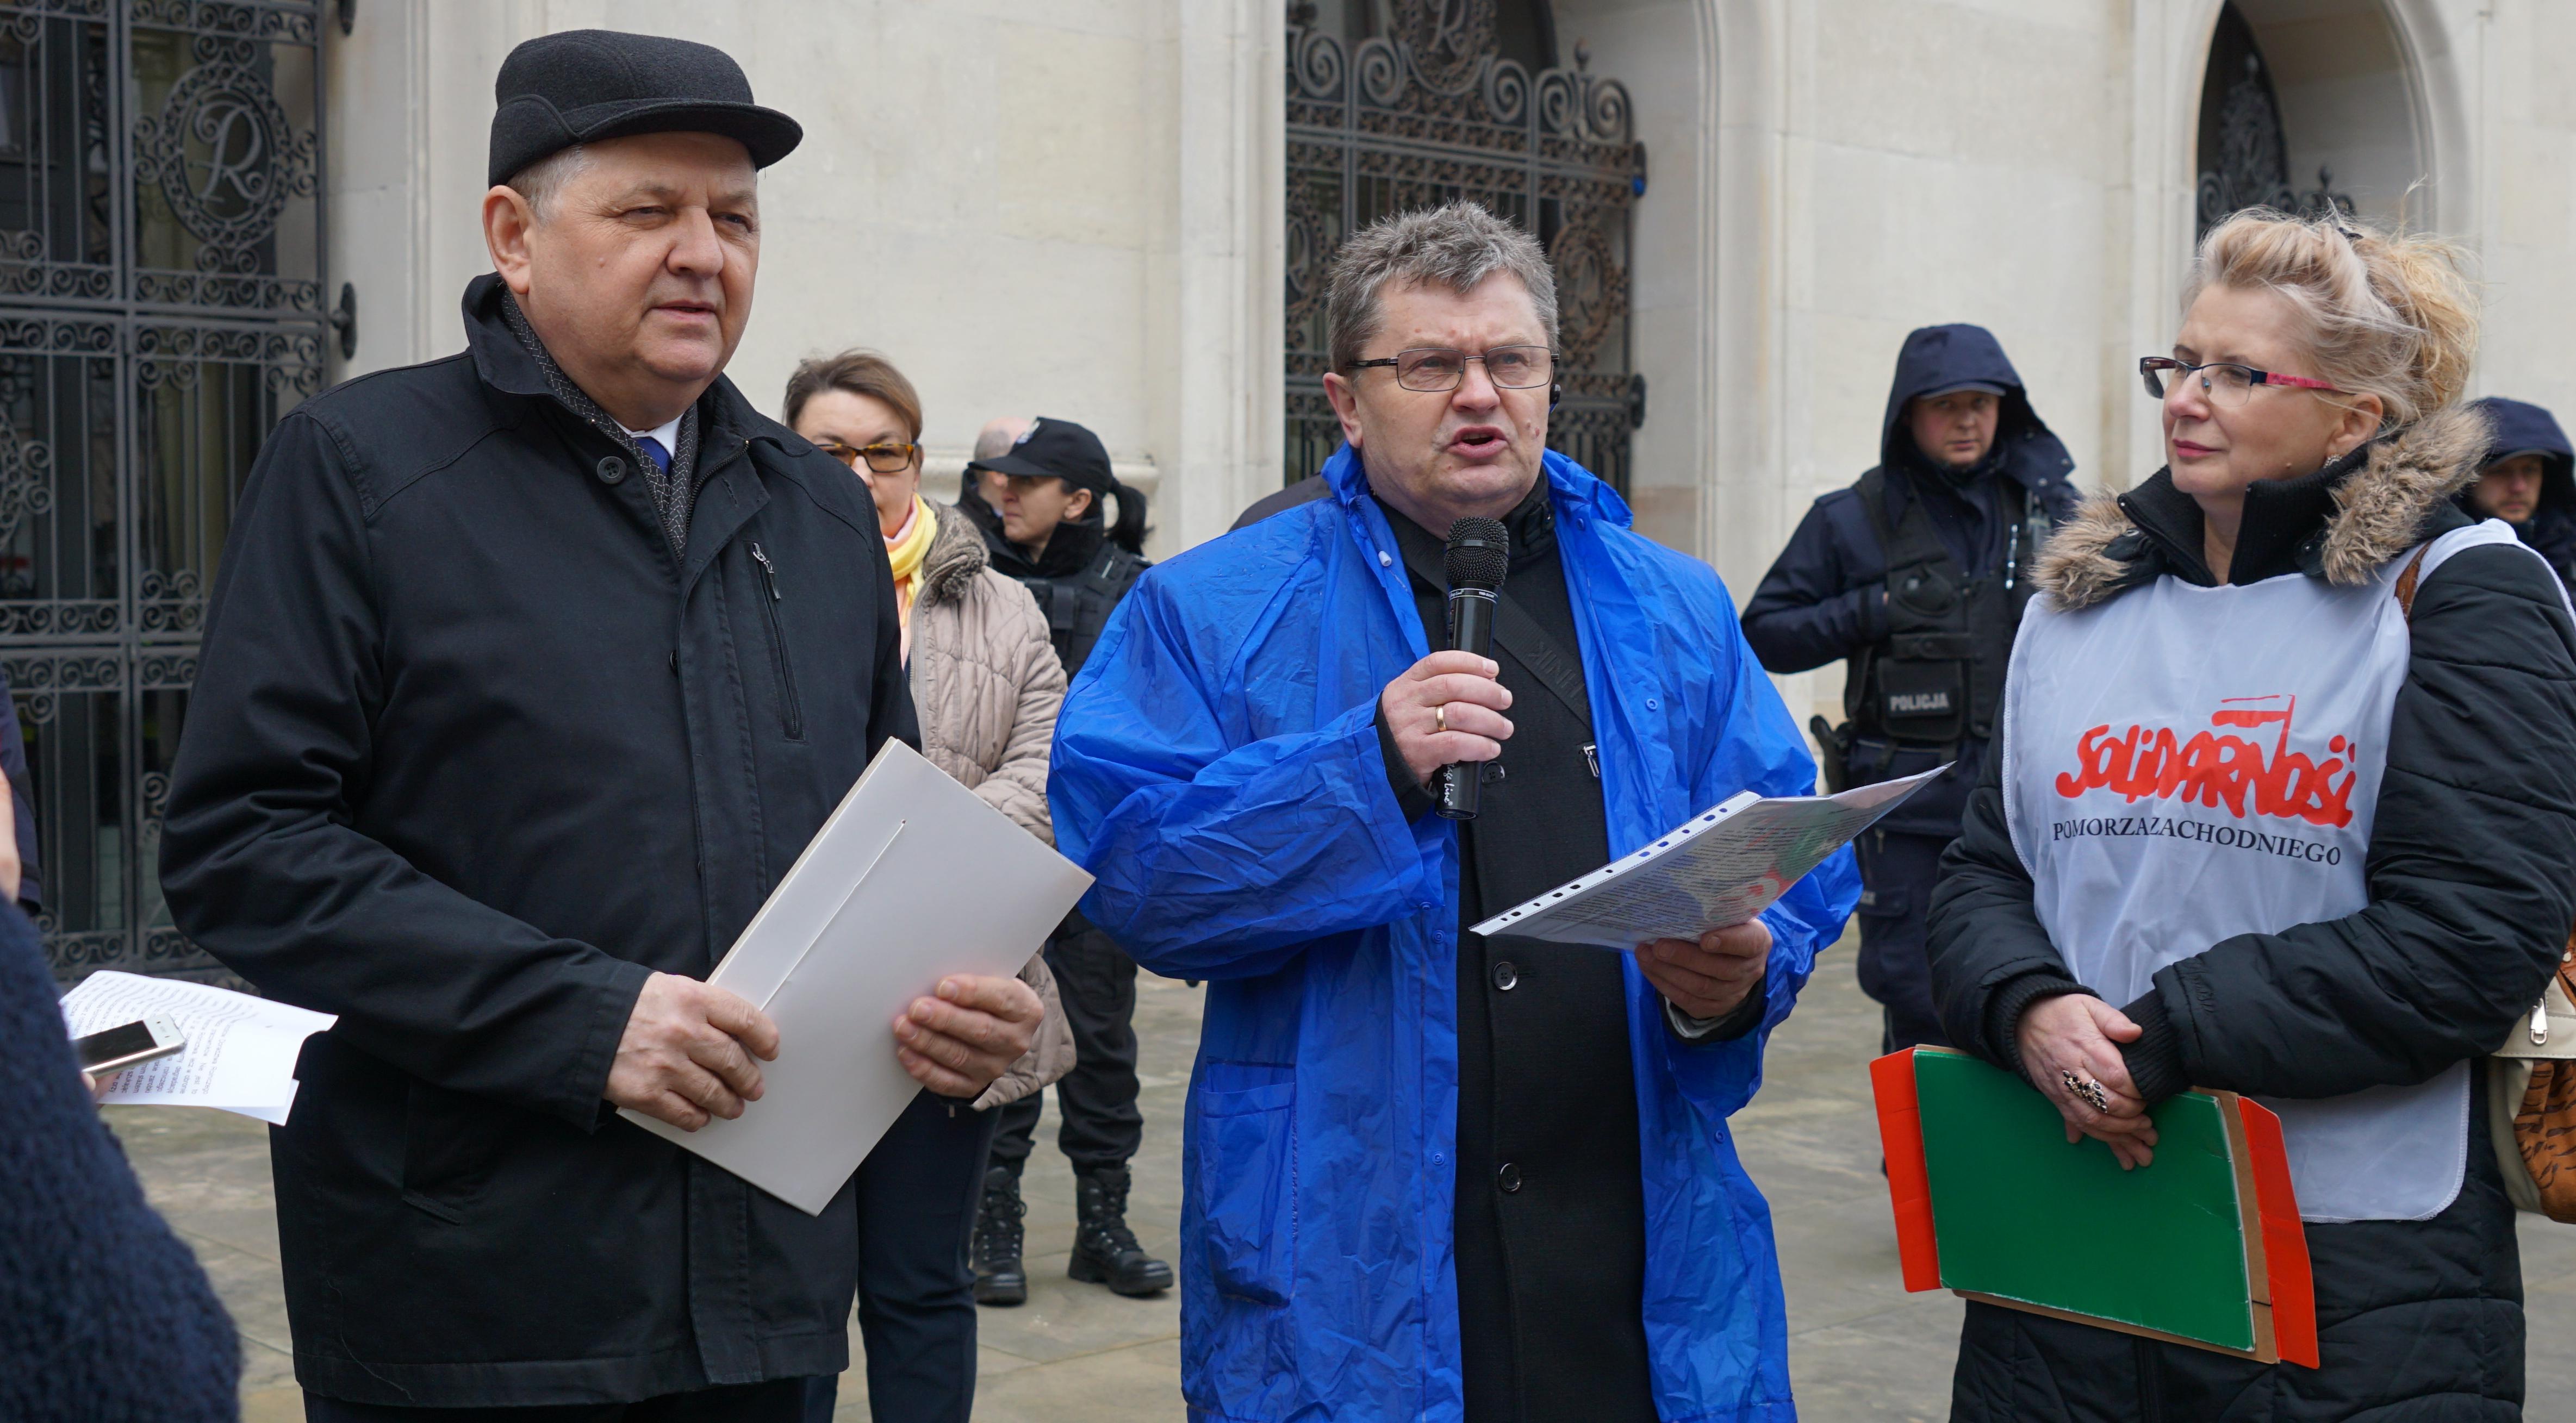 Wiceminister rolnictwa R. Zarudzki przyjął listę postulatów ODR